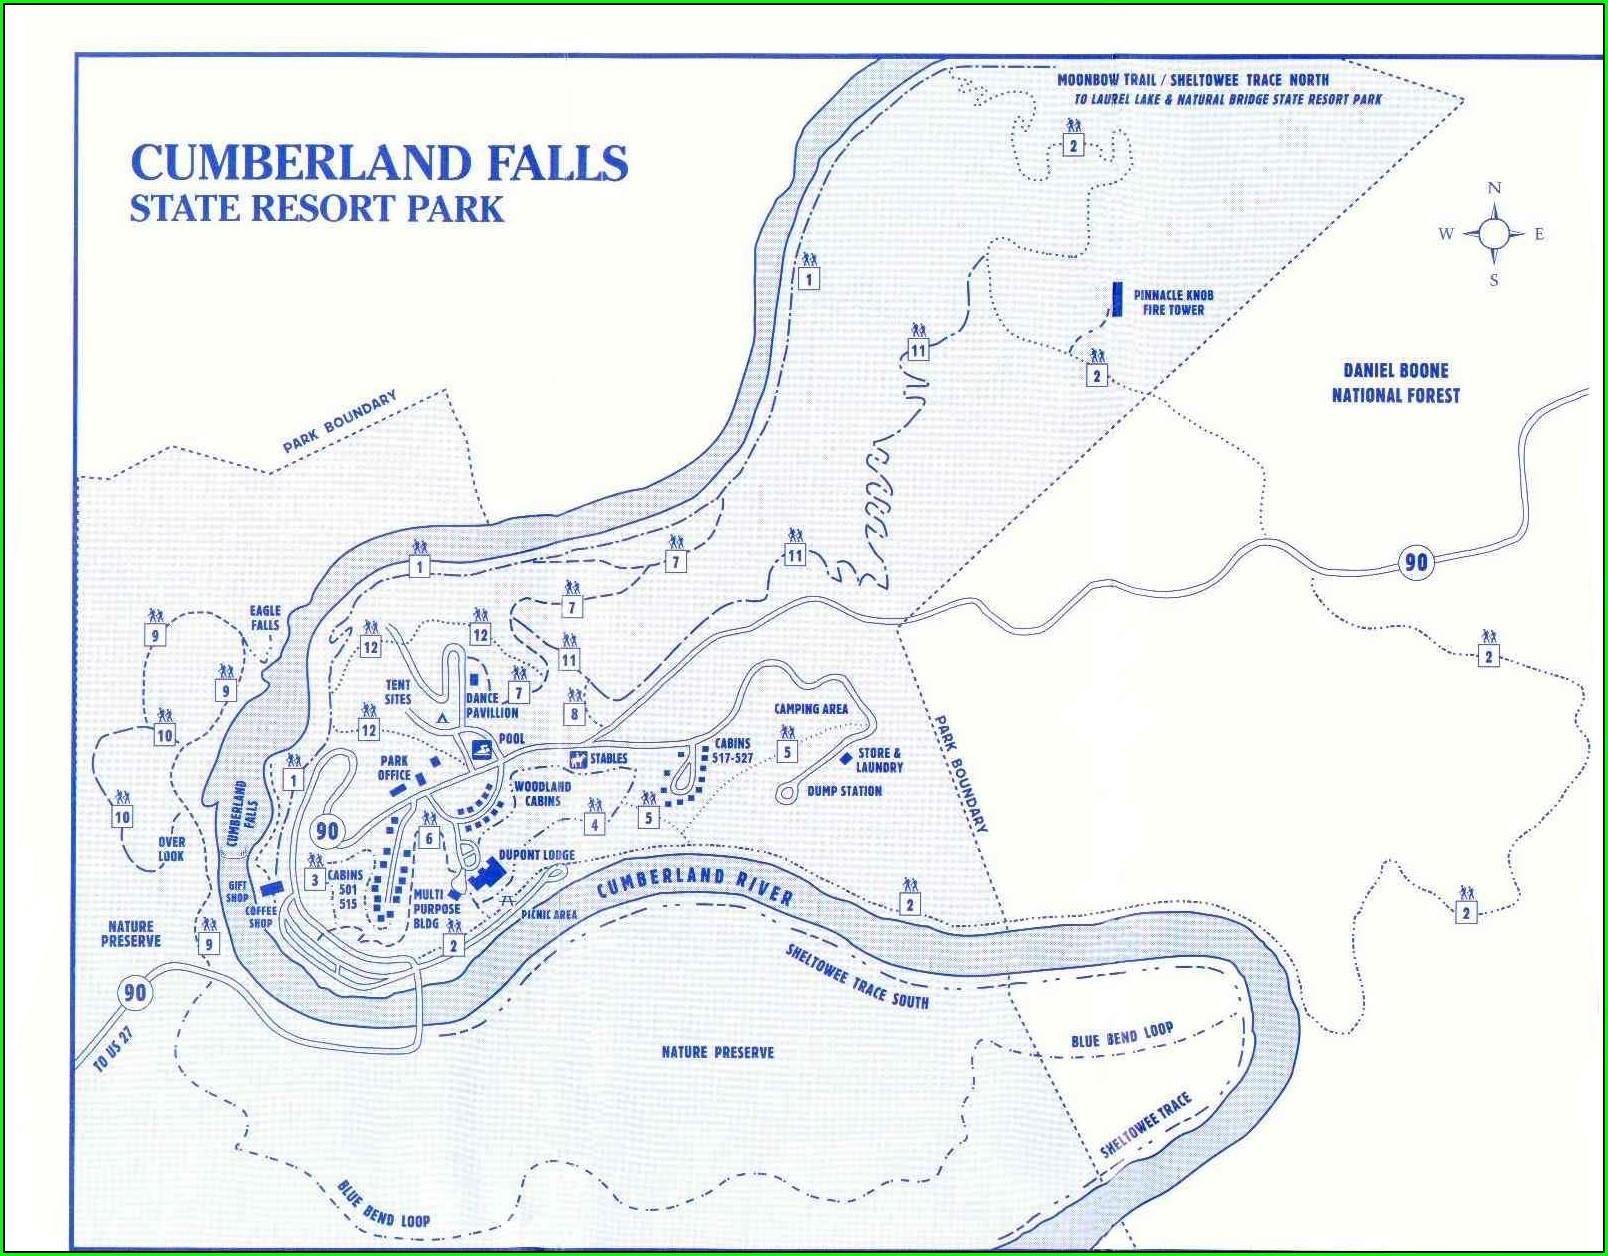 Cumberland Falls State Resort Park Map